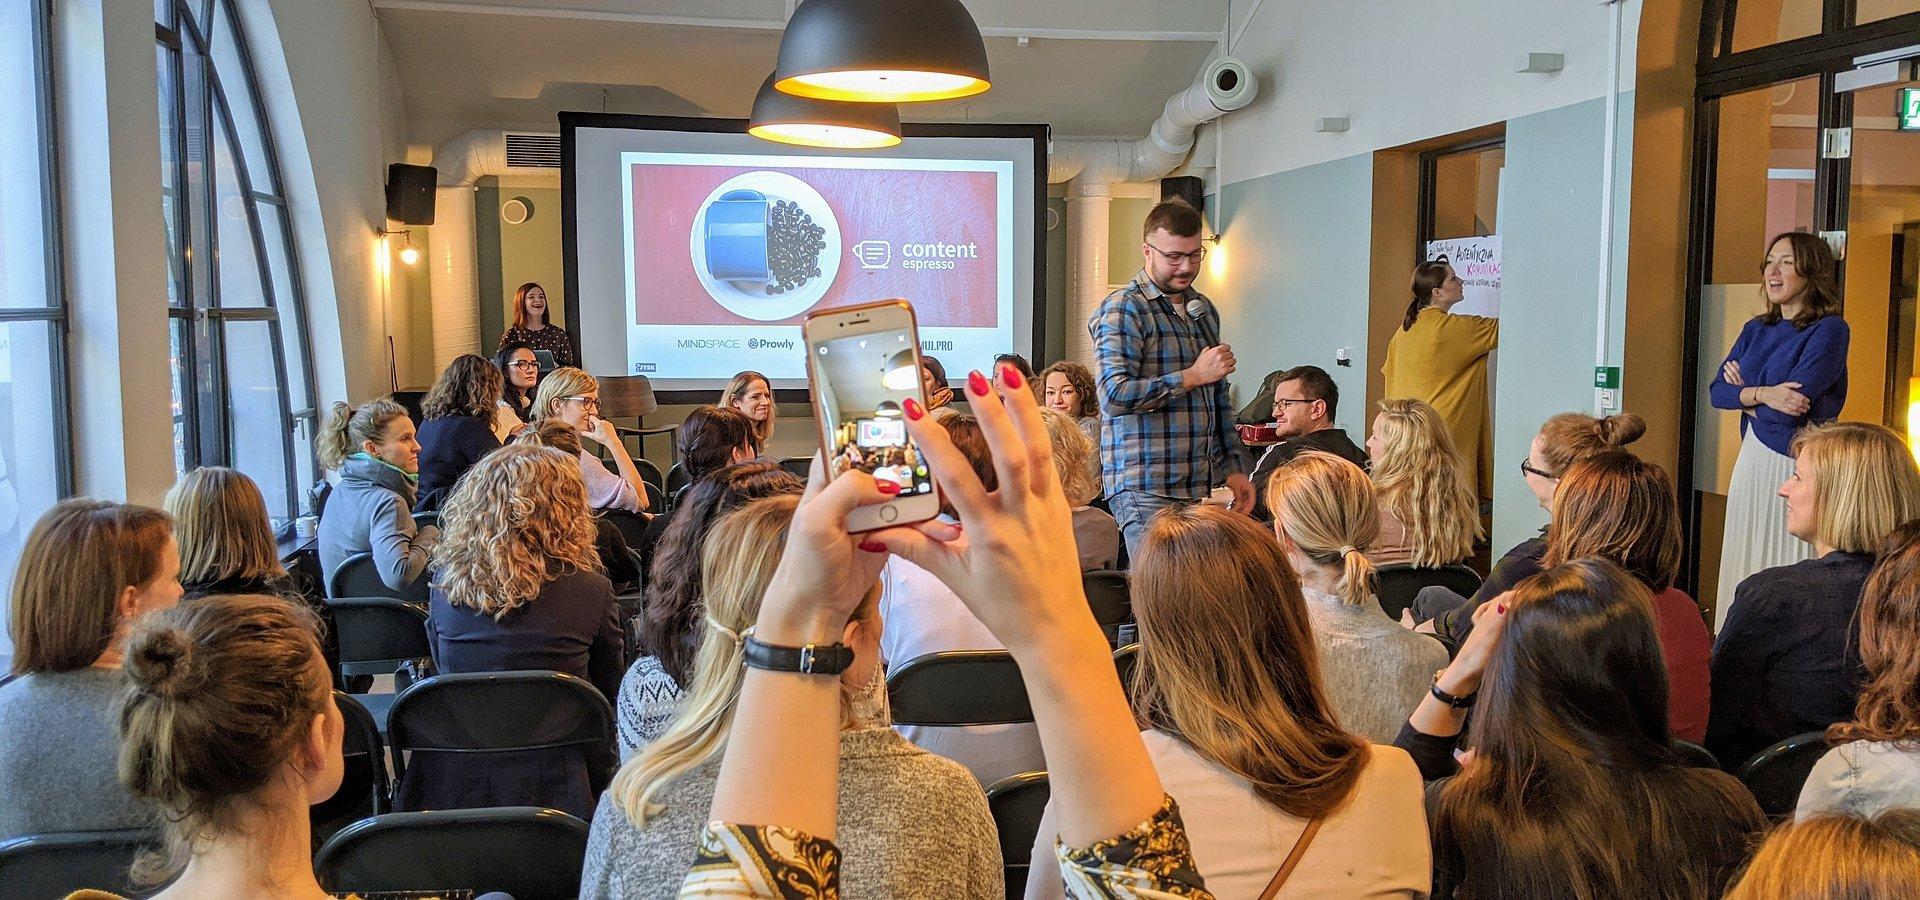 O autentycznej komunikacji w #JYSKvlog – czyli jak zrobić wideo, które może spodobać się komuś jeszcze niż tylko dyrekcji firmy?